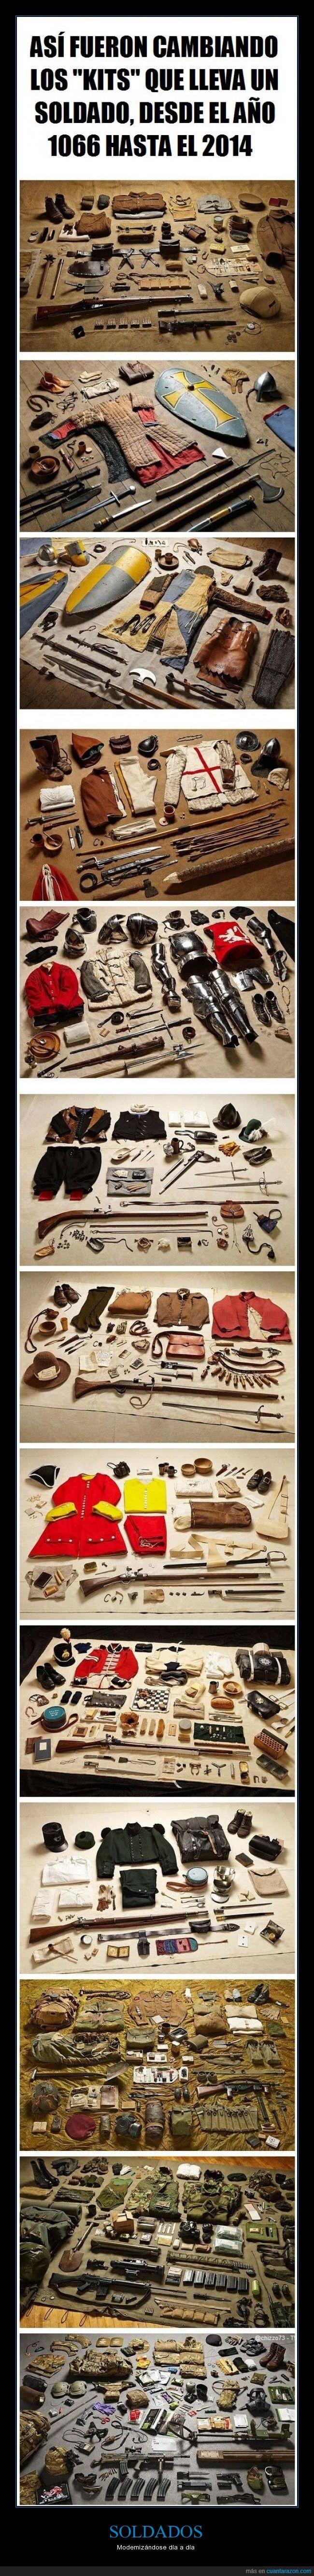 armas,cambio,diferente,equipamiento,guerras,kits,modernizar,pistolas,soldados,tiempo